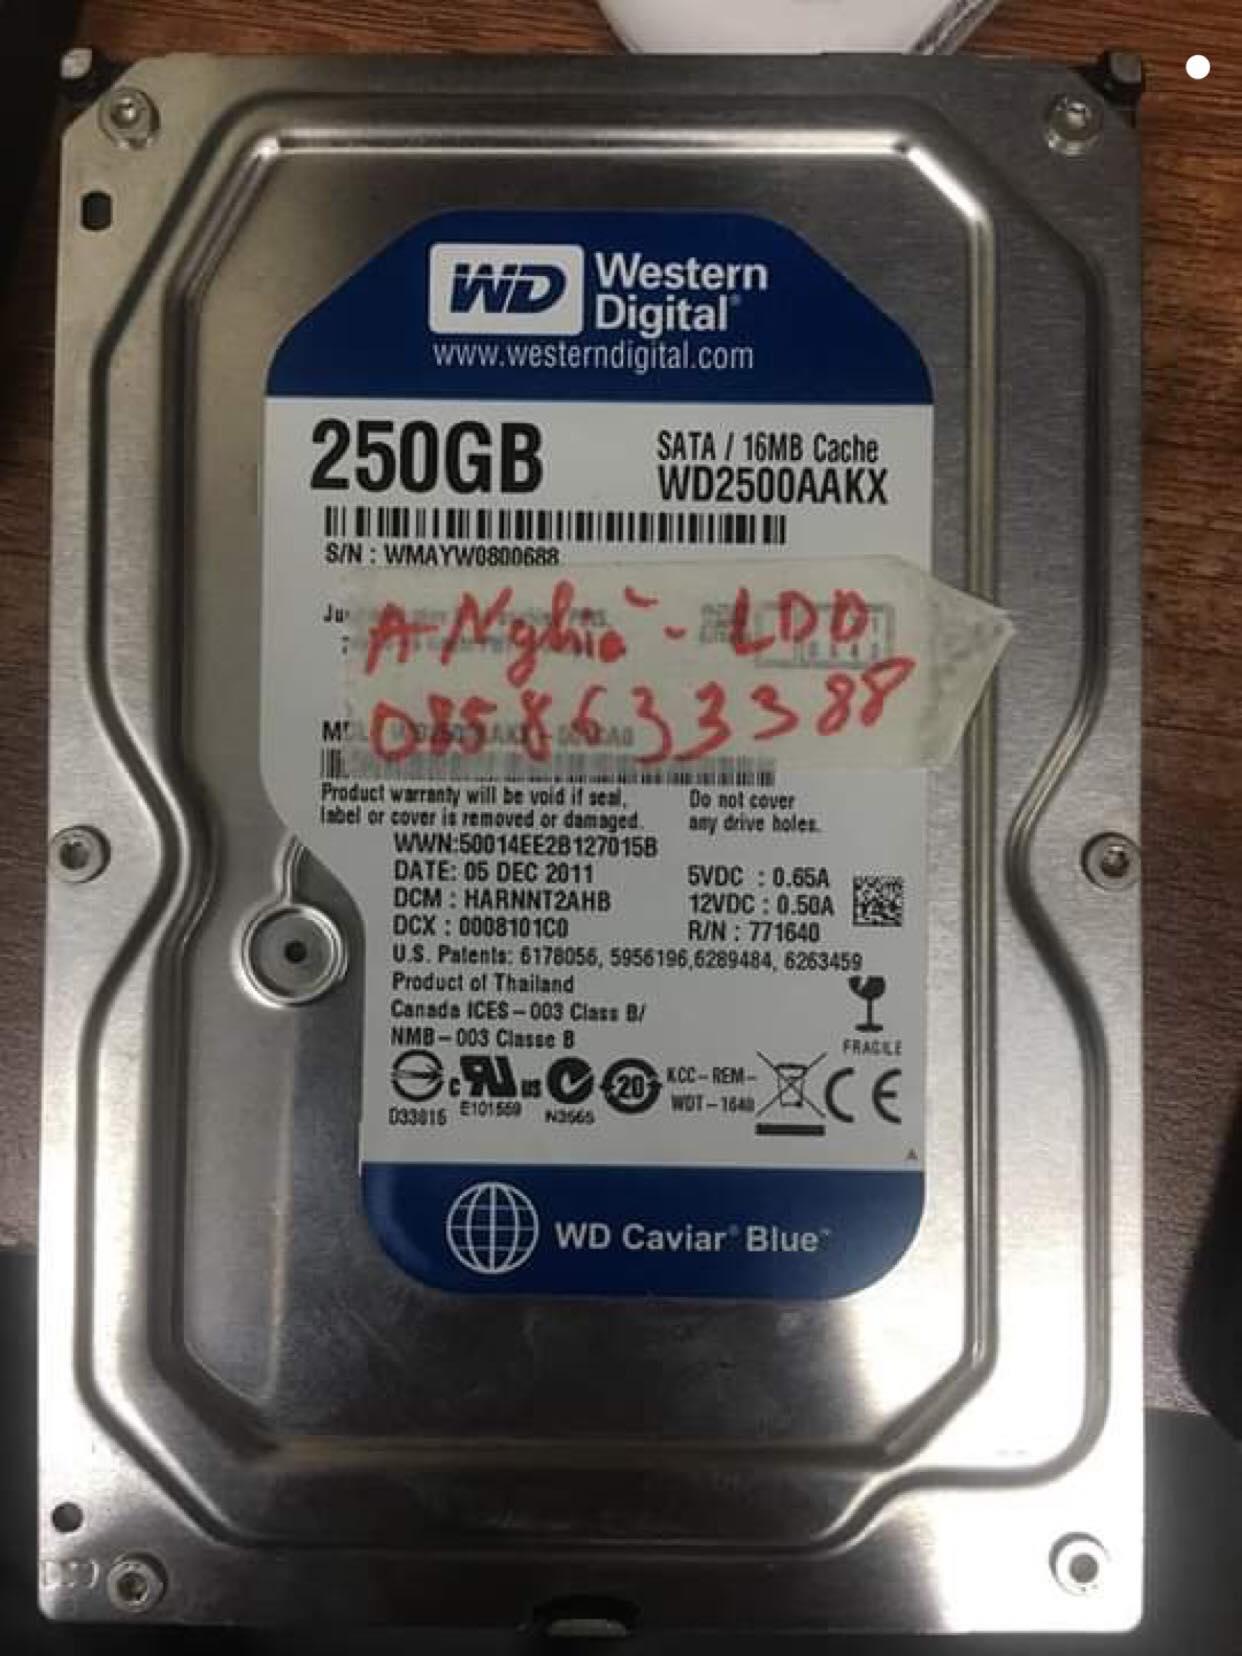 Cứu dữ liệu ổ cứng Western 250GB lỗi đầu đọc 13/03/2019 - cuumaytinh